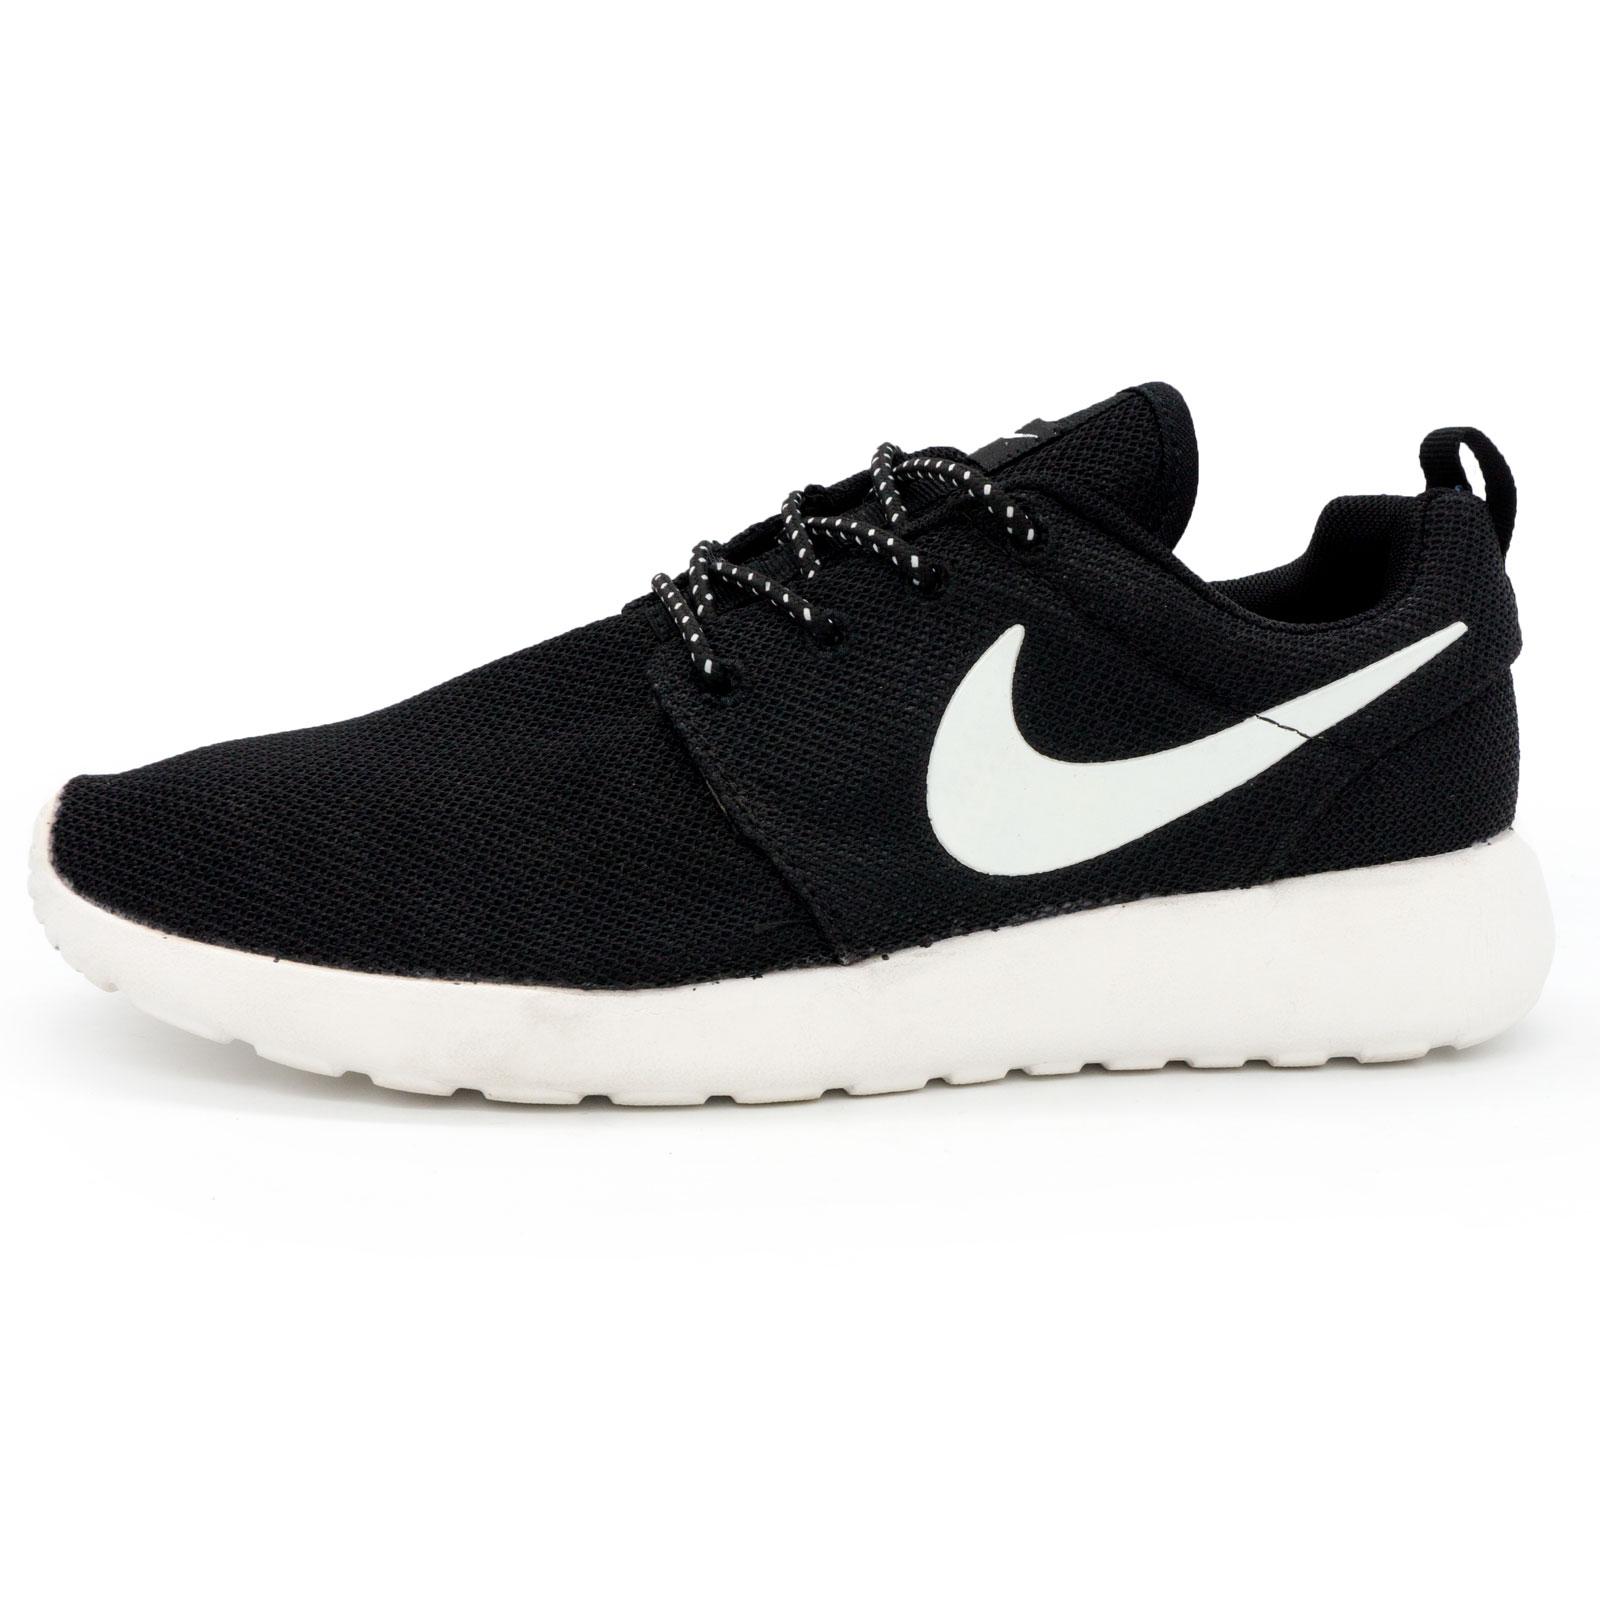 fab139f1 Кроссовки Nike Roshe Run черно белые, купить Найк Роше Ран в ...